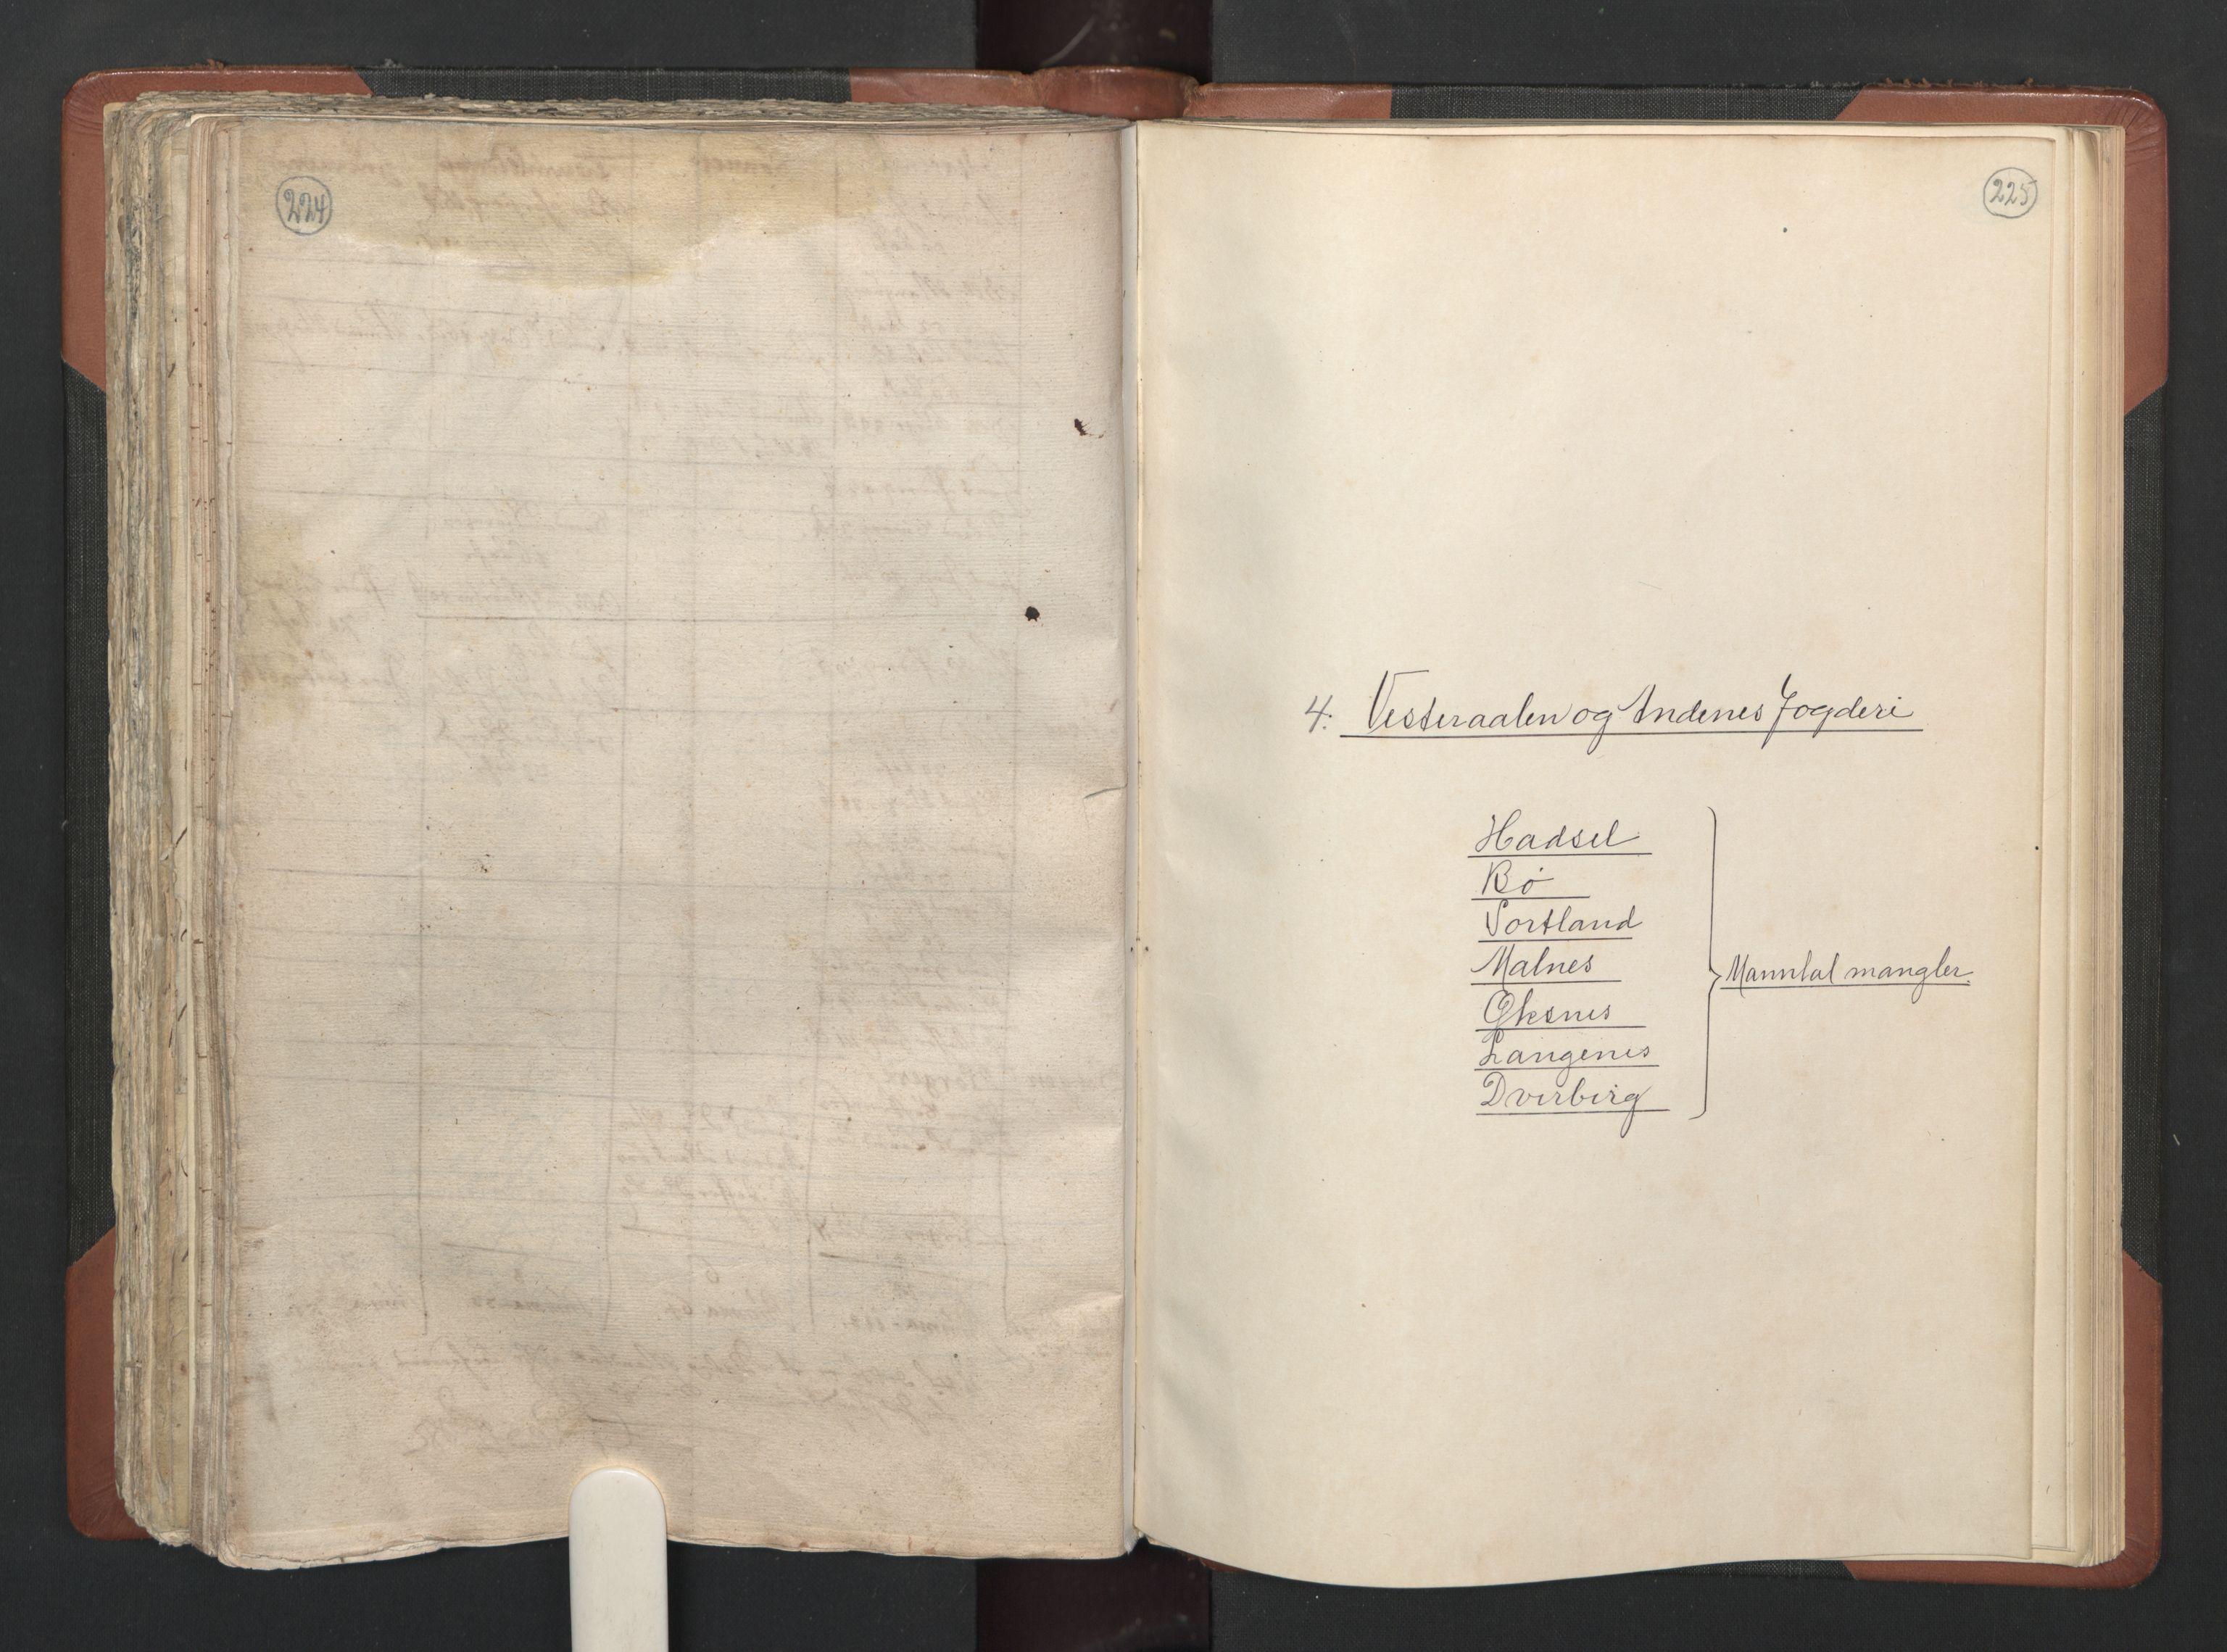 RA, Fogdenes og sorenskrivernes manntall 1664-1666, nr. 20: Fogderier (len og skipreider) i nåværende Nordland fylke, Troms fylke og Finnmark fylke, 1665, s. 224-225